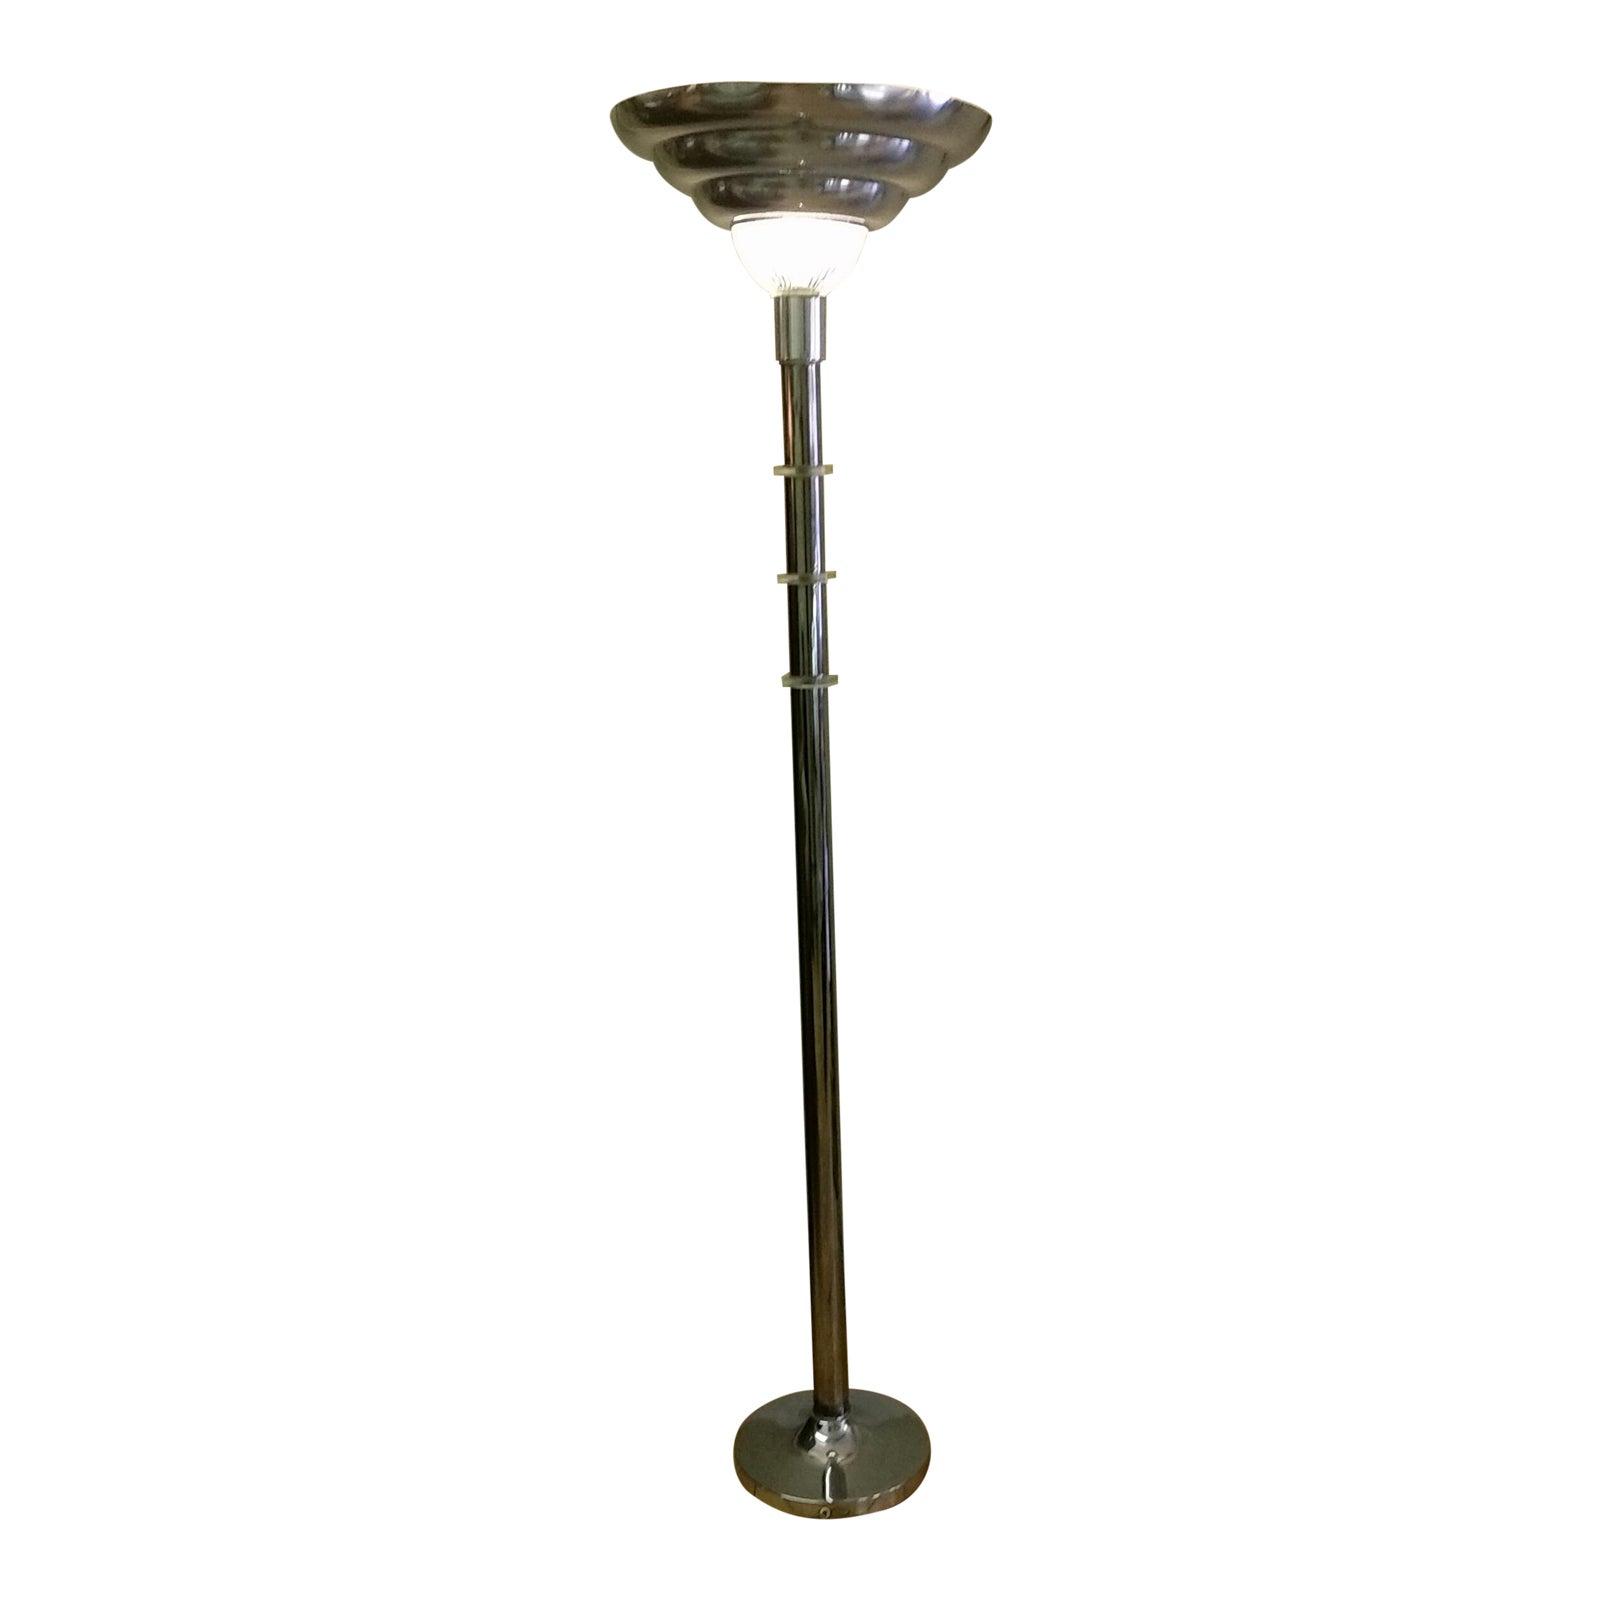 Vintage Art Deco Style Chrome & Lucite Torchiere Floor Lamp